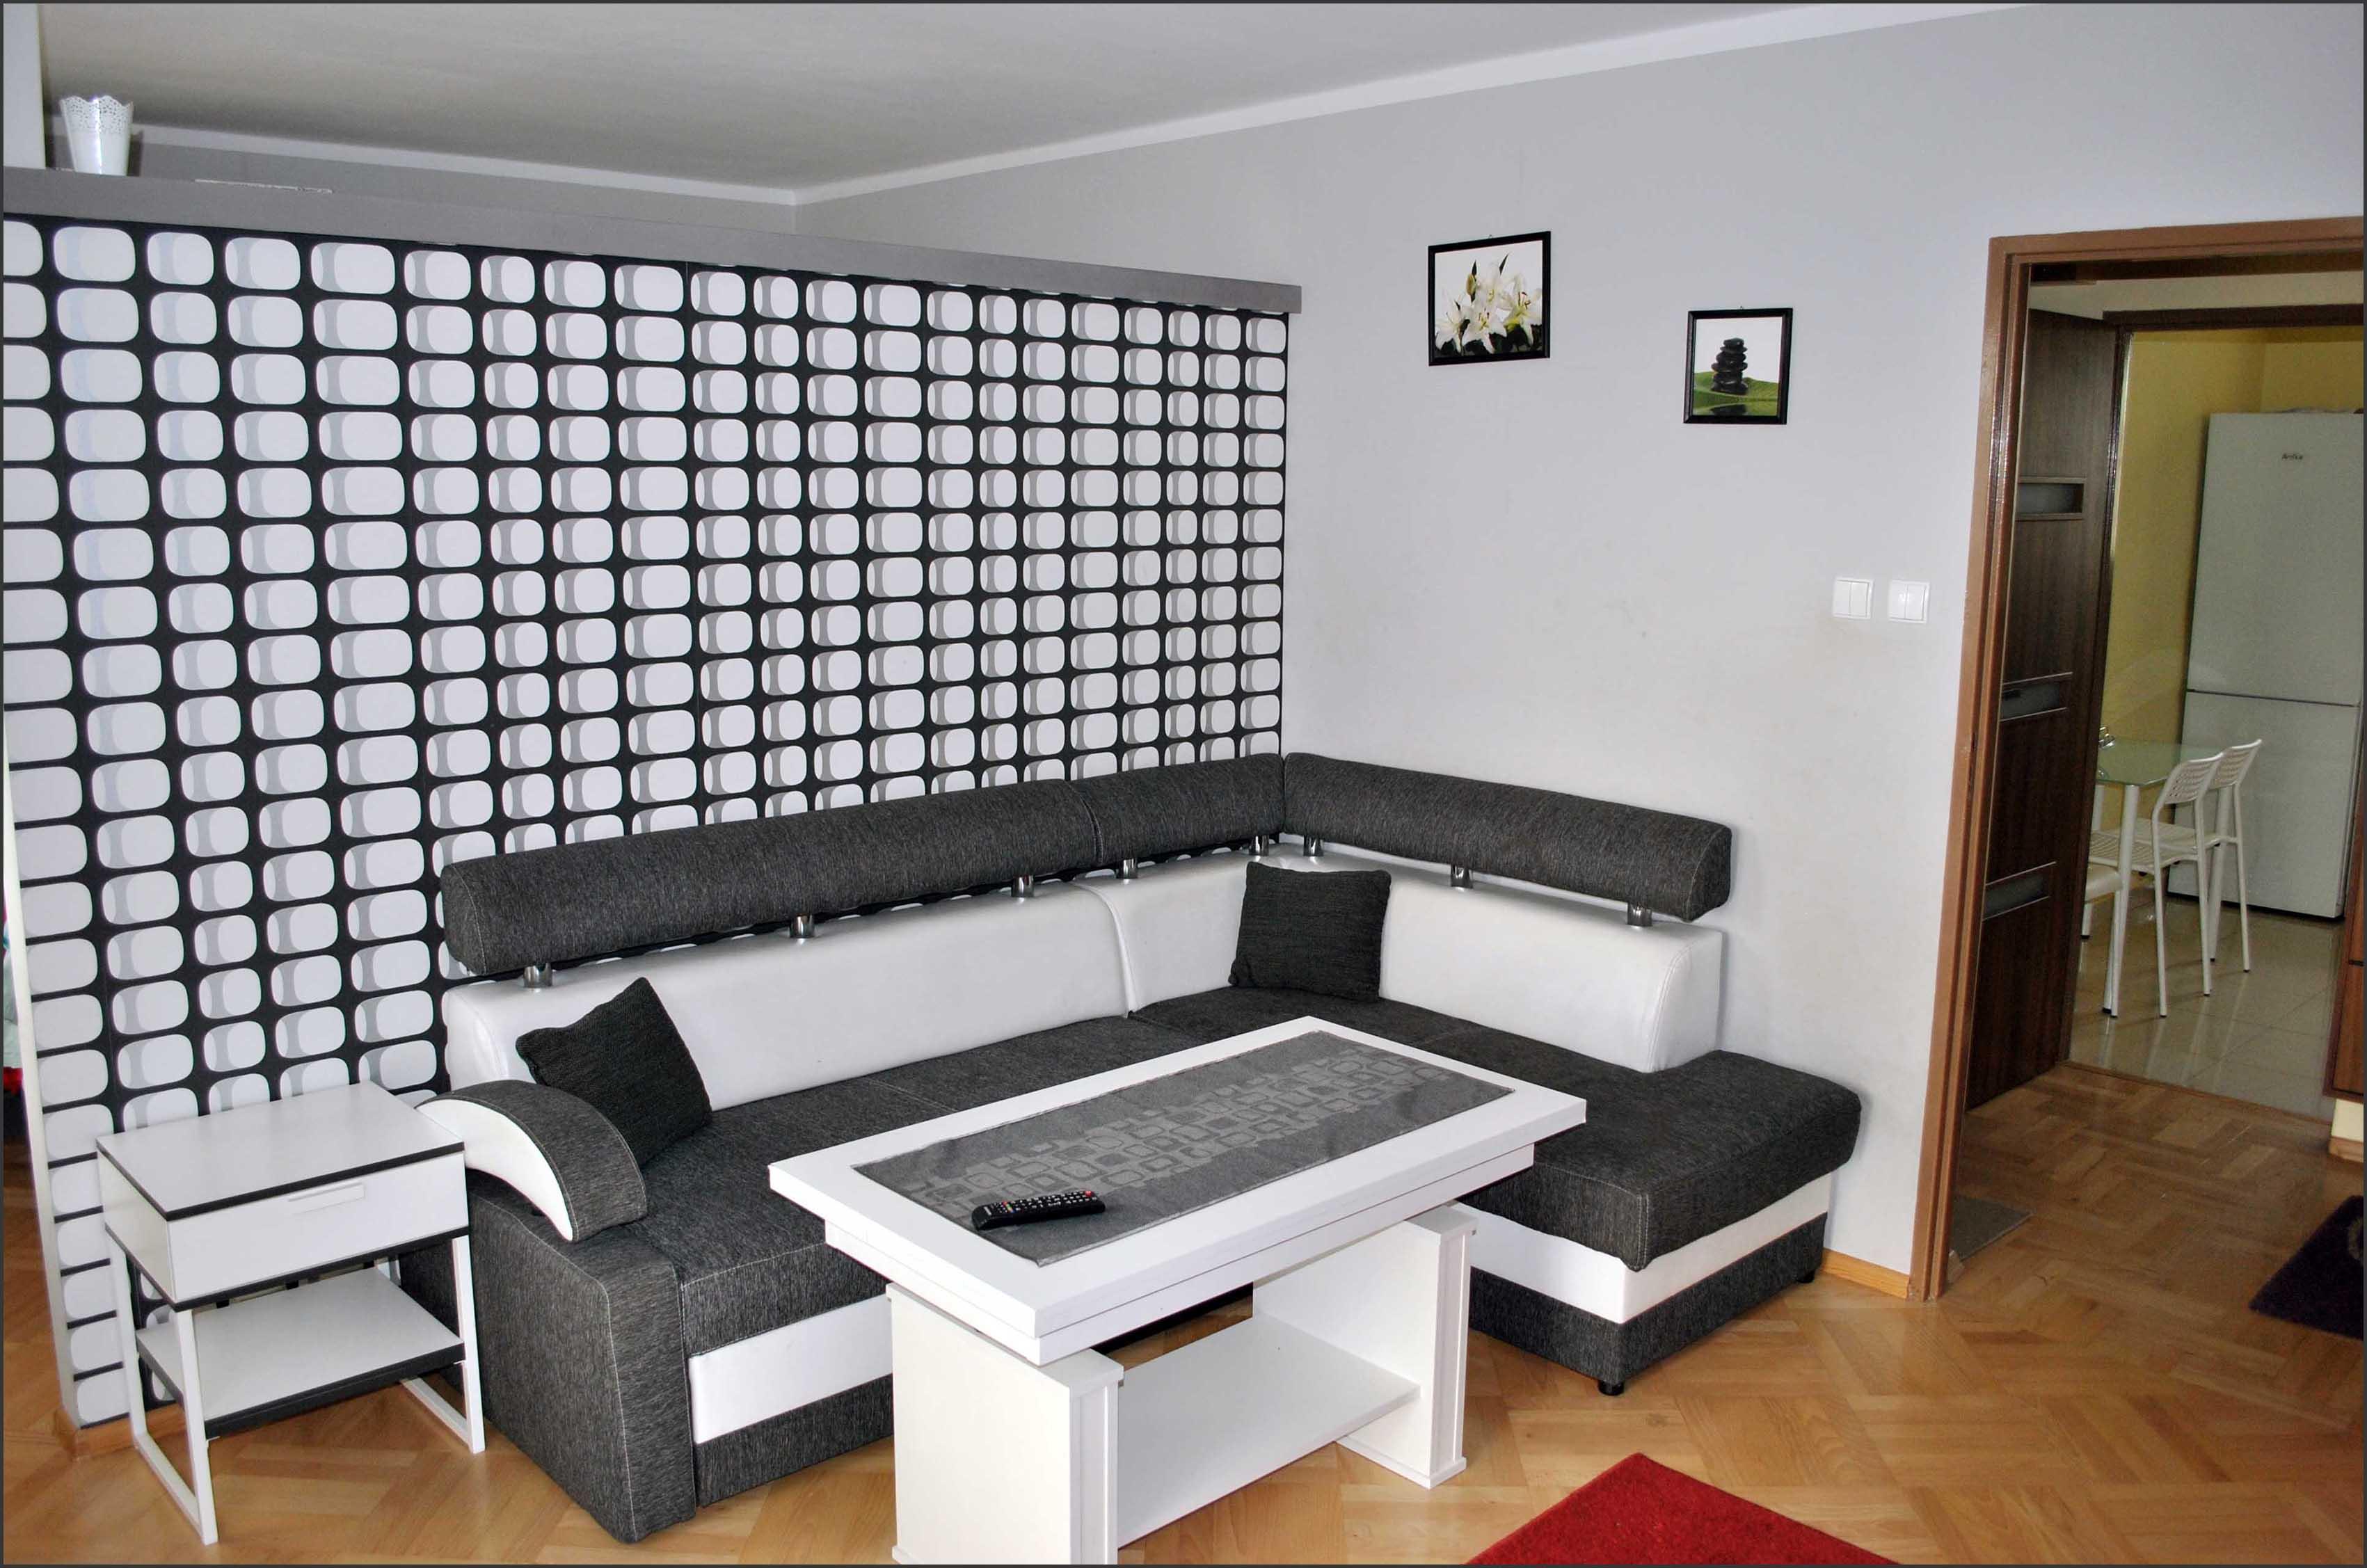 Mały Salon Metamorfoza Archistacjapl